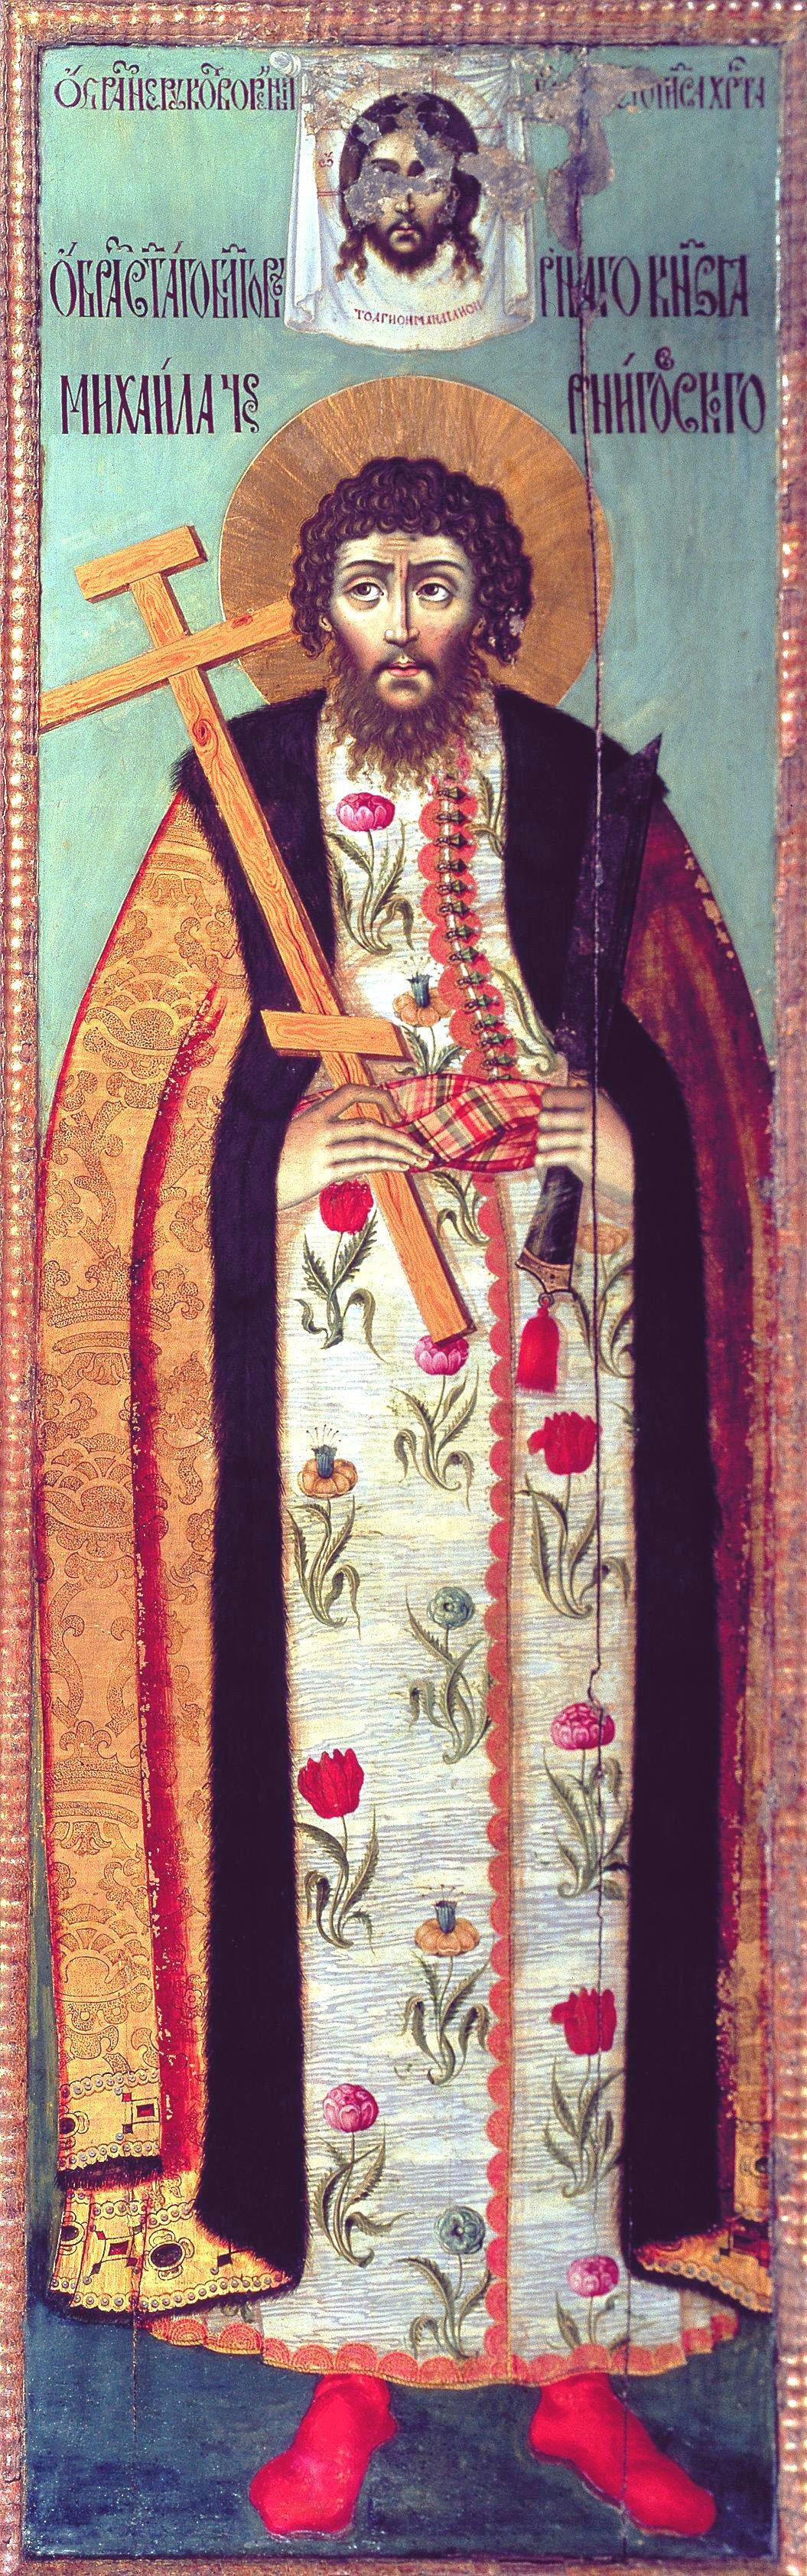 Святой мученик и исповедник Михаил, Князь Черниговский.